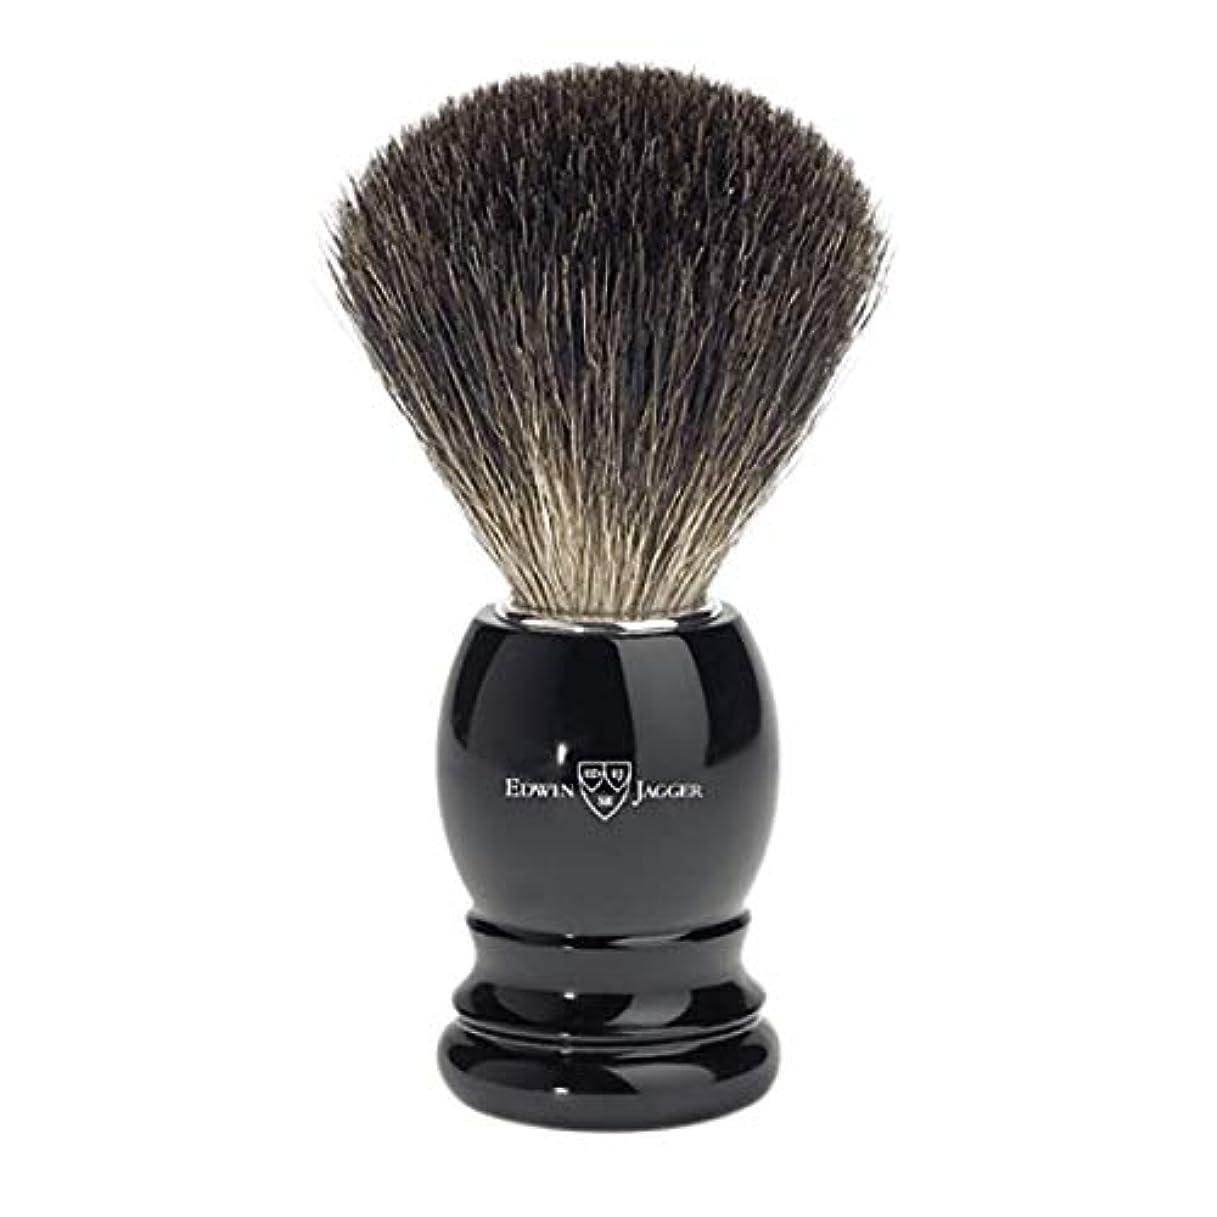 義務骨折進捗エドウィンジャガー ブラックイミテーションエボニーベストバジャーシェービングブラシ81P26[海外直送品]Edwin Jagger Black Imitation Ebony Best Badger Shaving Brush...